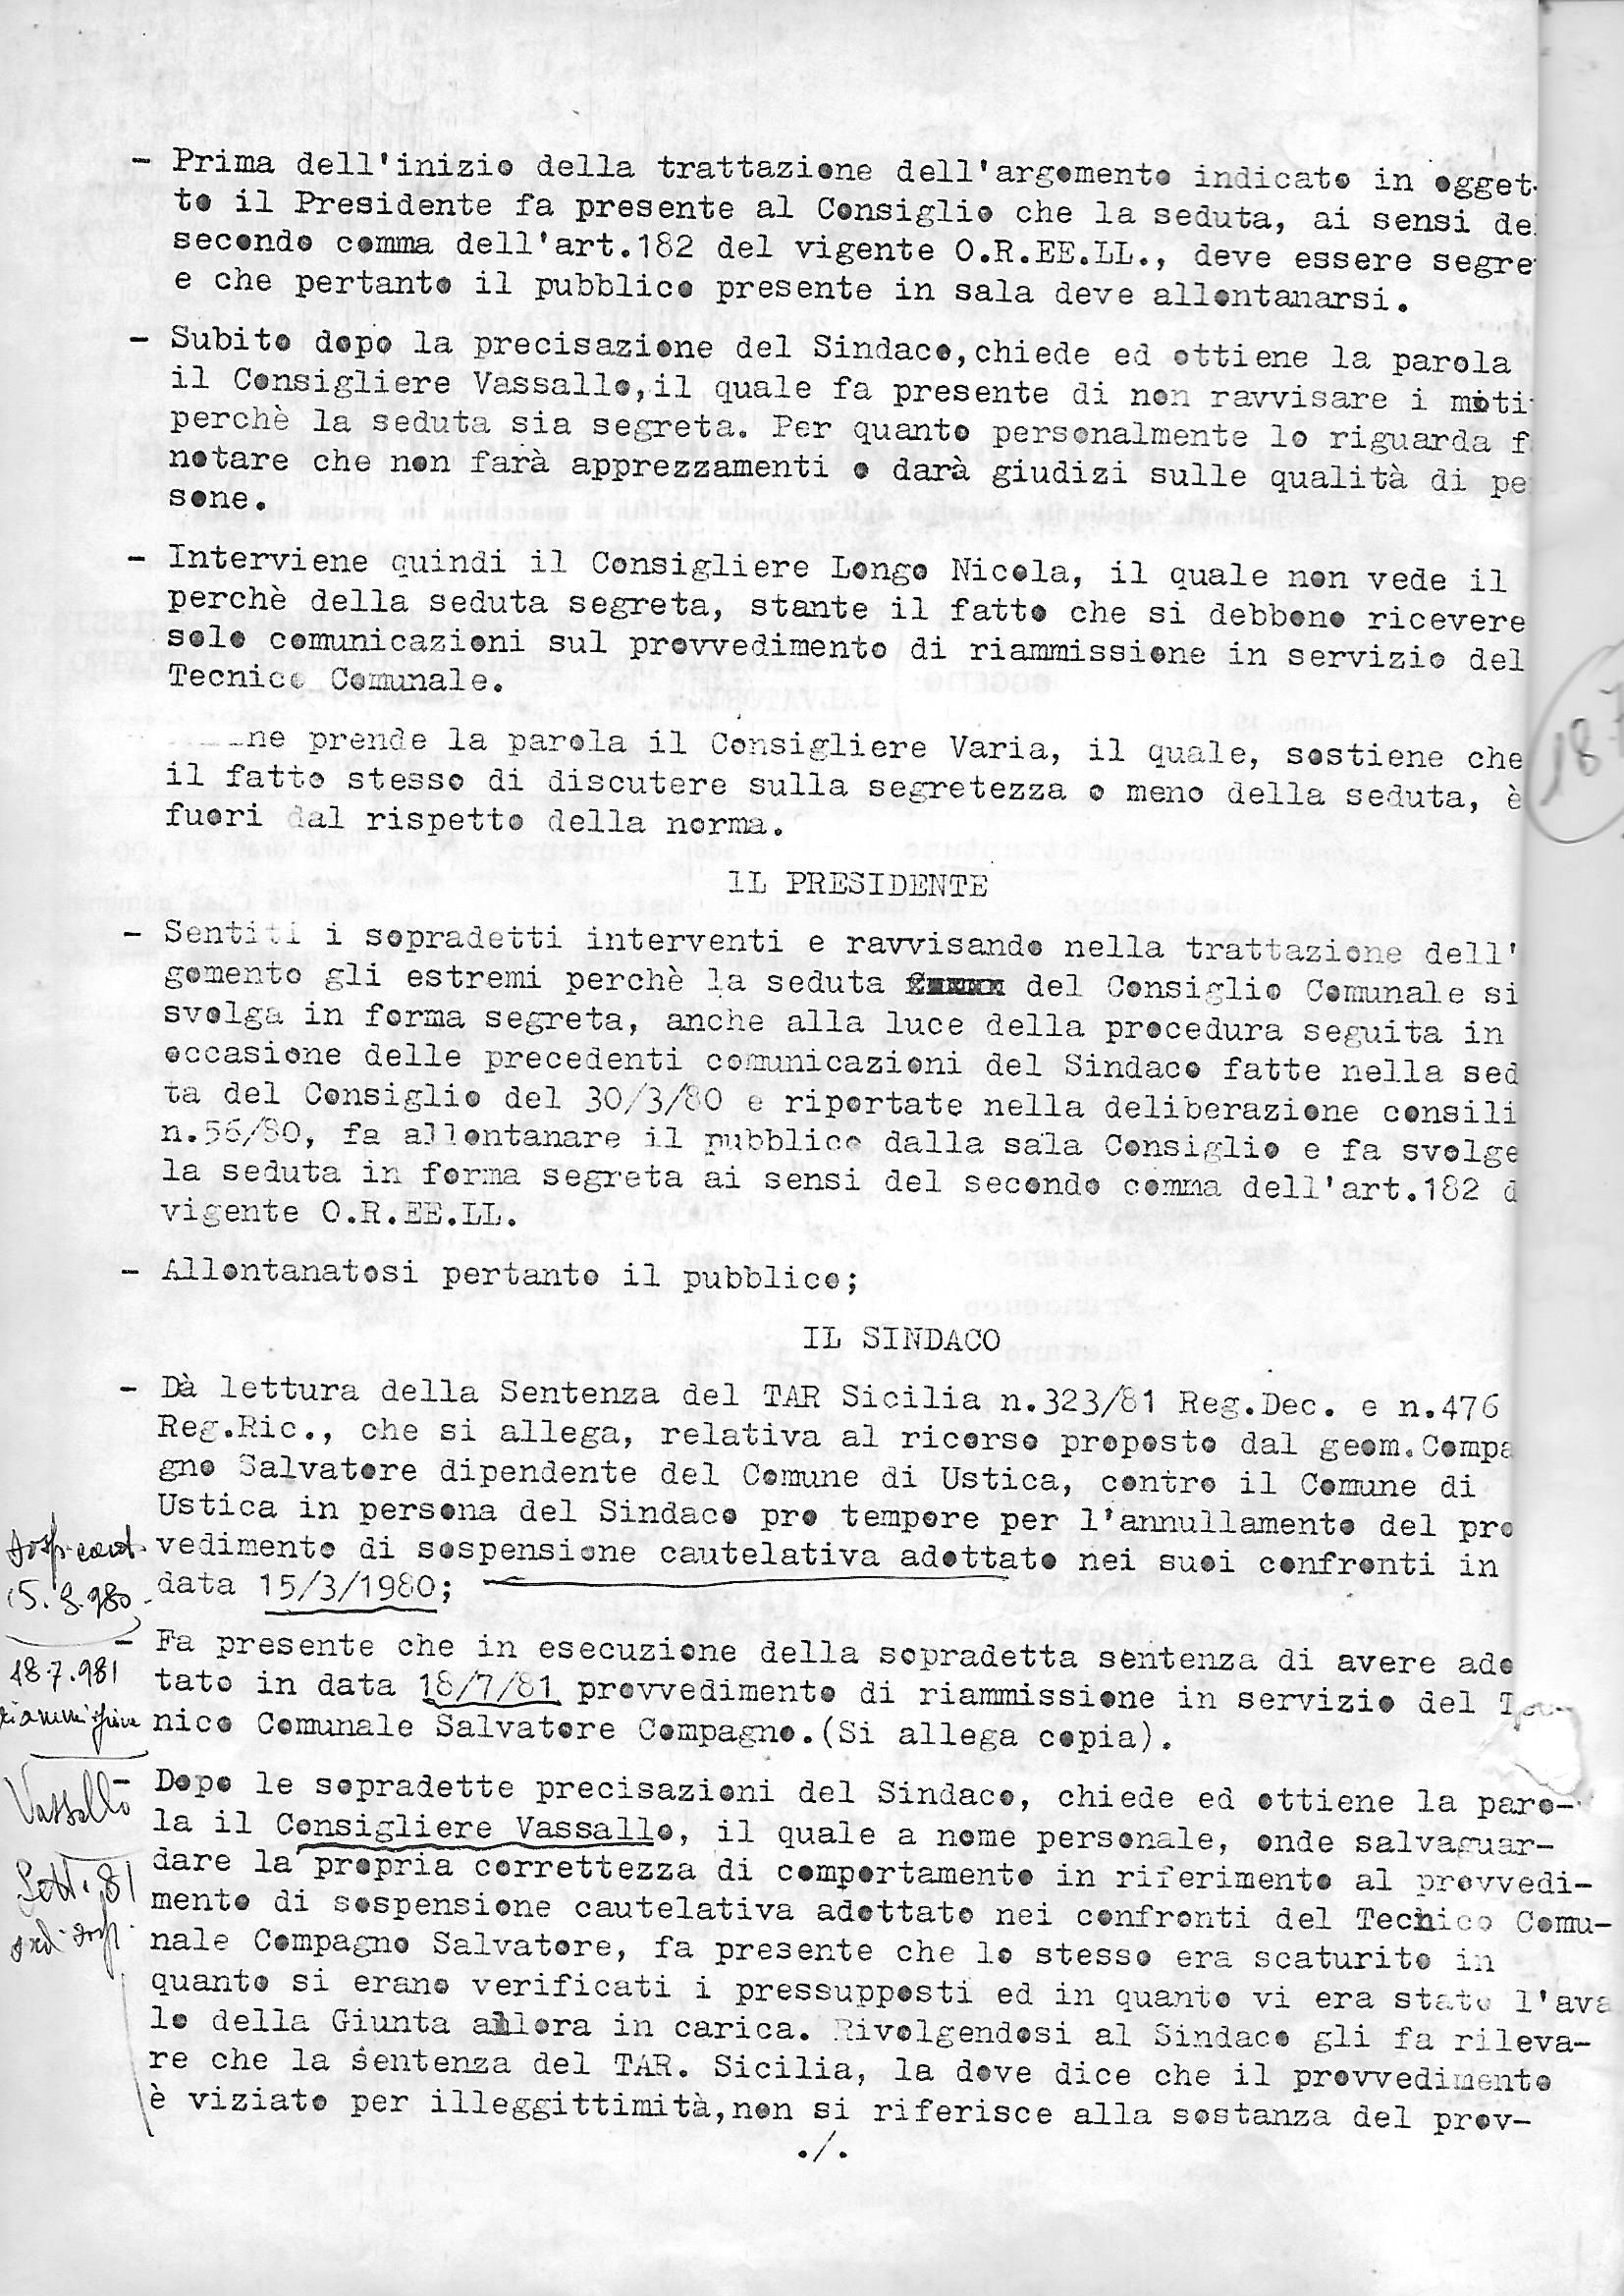 Pagine da Delibera Consiglio Comunale 27 settembre 1981